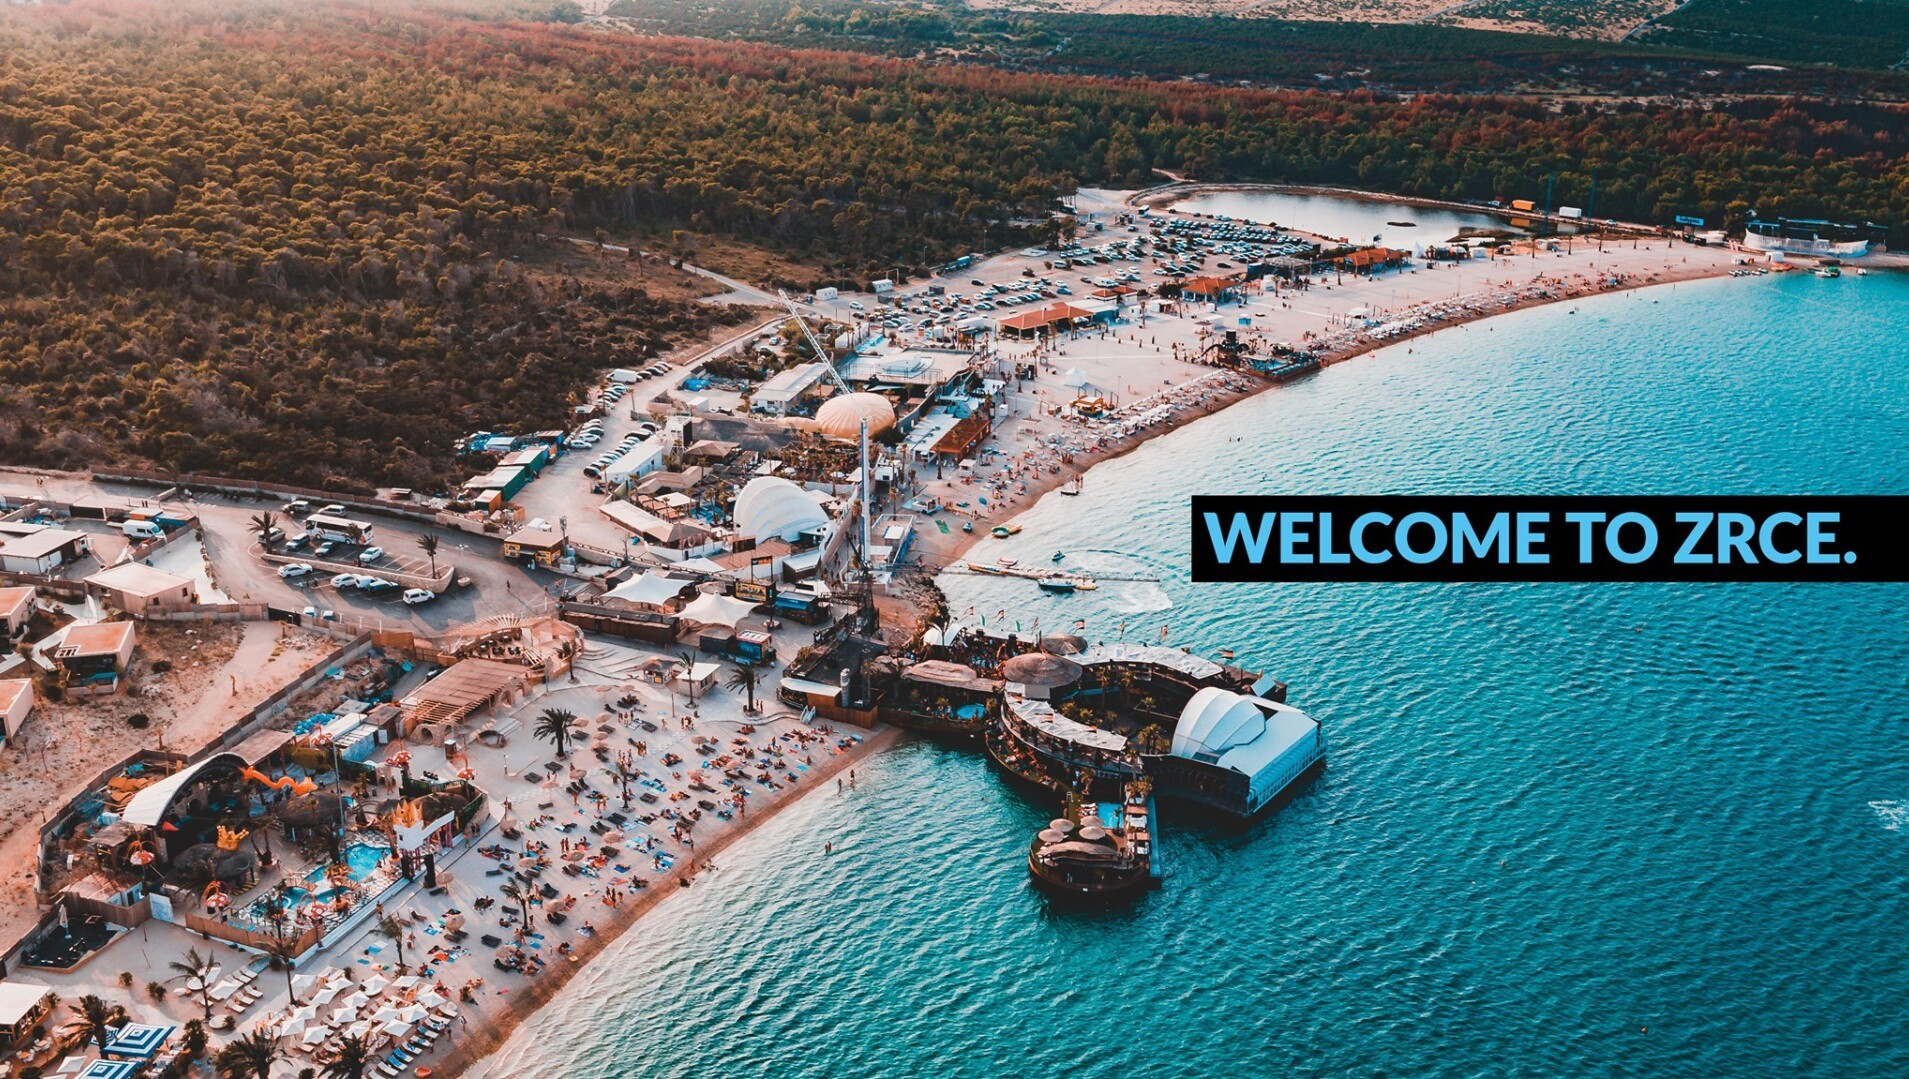 クロアチアにて新たなPsytrance(サイトランス)フェス『Xistence Festival』が2021年7月12日~15日に開催決定